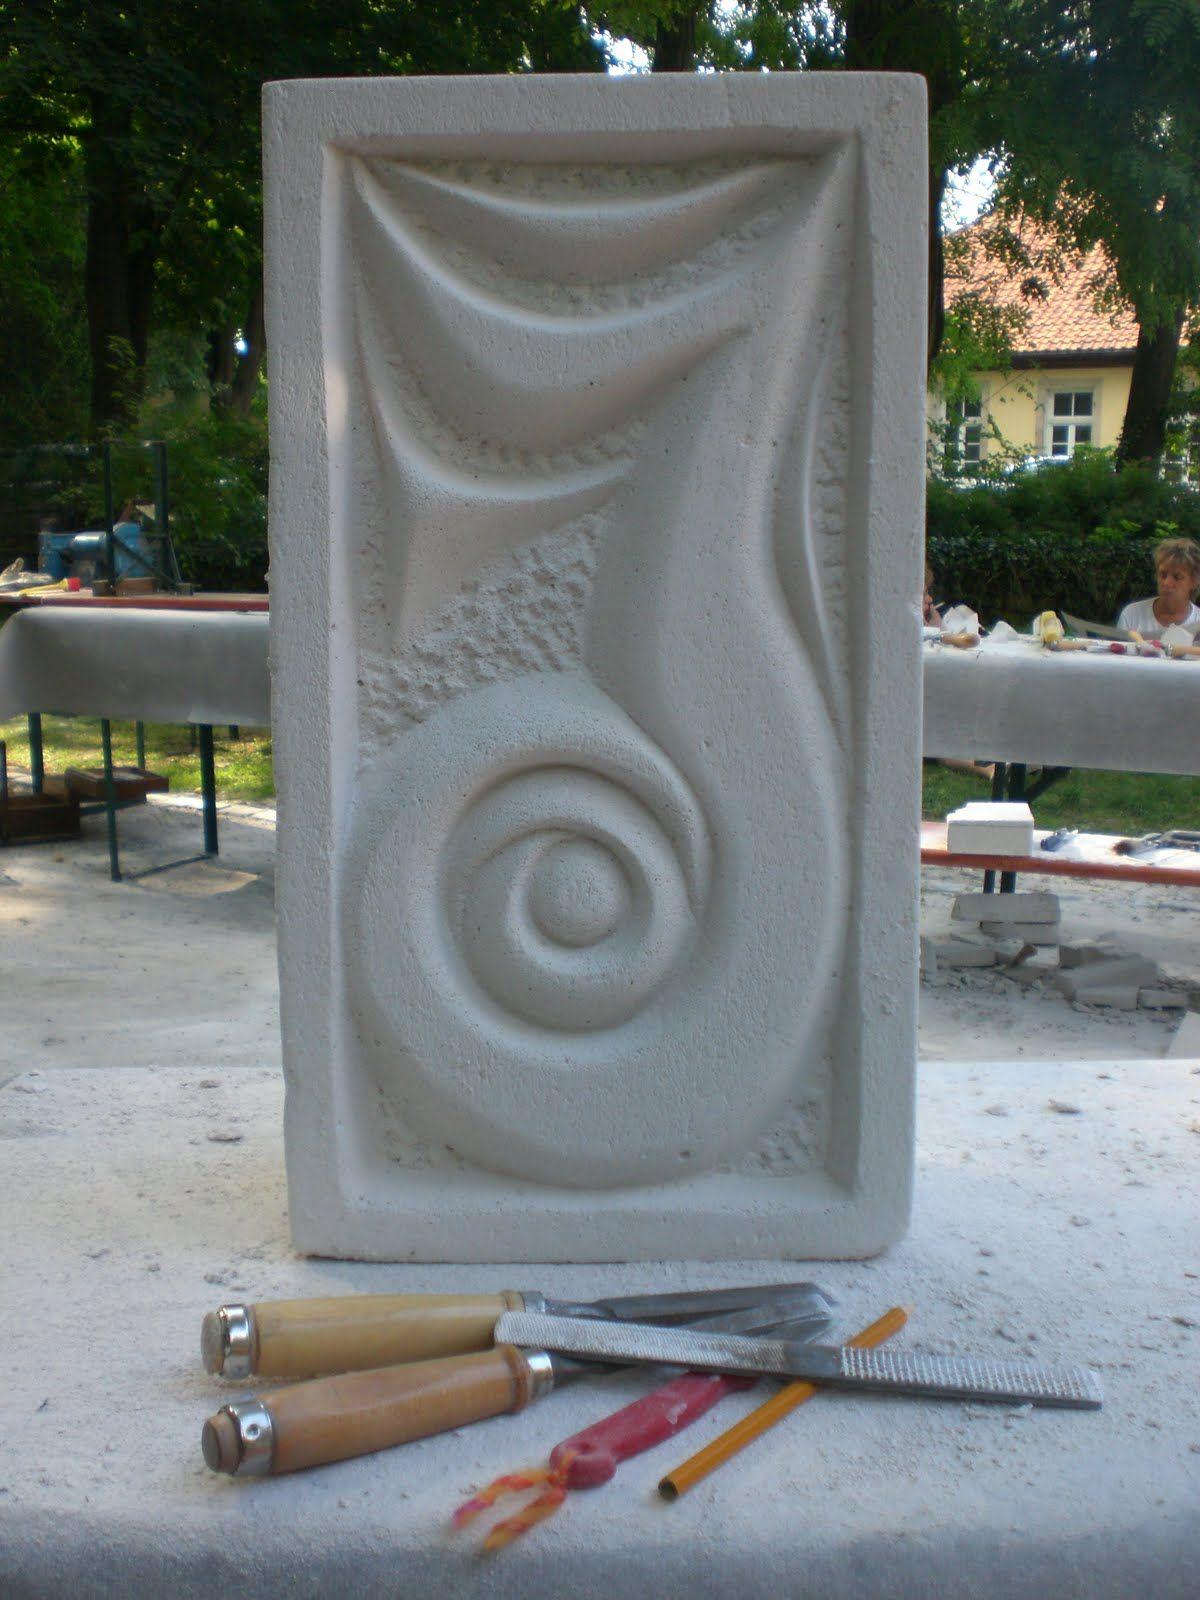 judys dies und das mai 2011 sculptures in 2018 pinterest ytong skulptur und speckstein. Black Bedroom Furniture Sets. Home Design Ideas